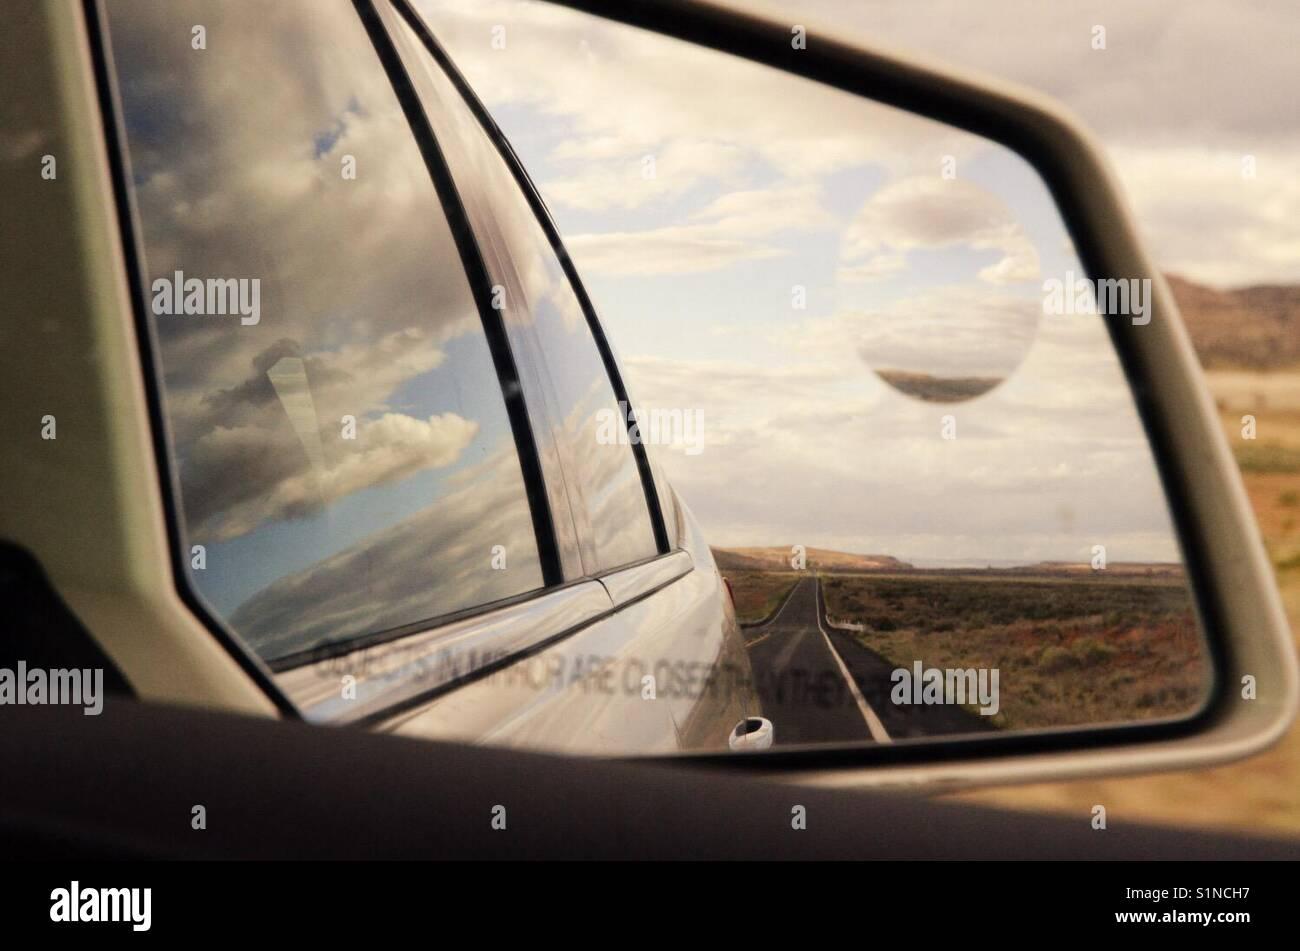 Paesaggio riflesso nello specchietto retrovisore di una vettura, Nuovo Messico, Stati Uniti d'America Immagini Stock